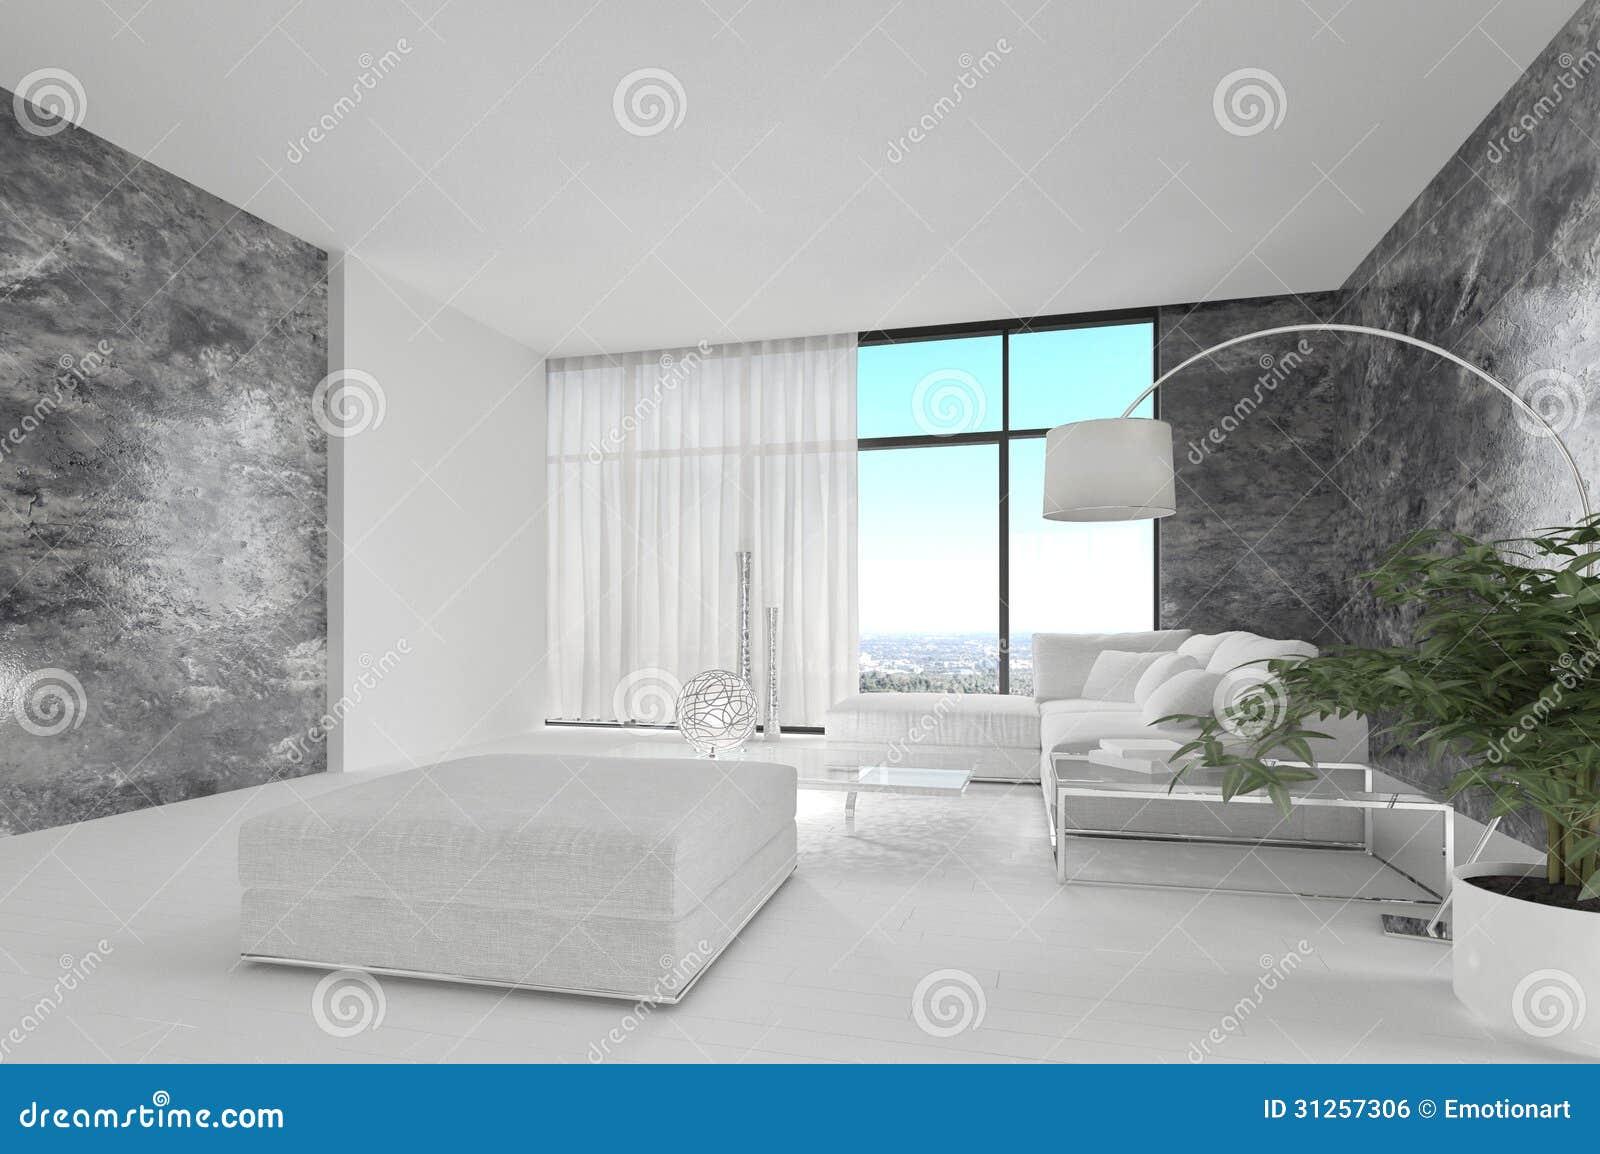 Ehrfürchtiges Reinweiß-Dachboden-Wohnzimmer | Architektur-Innenraum ...